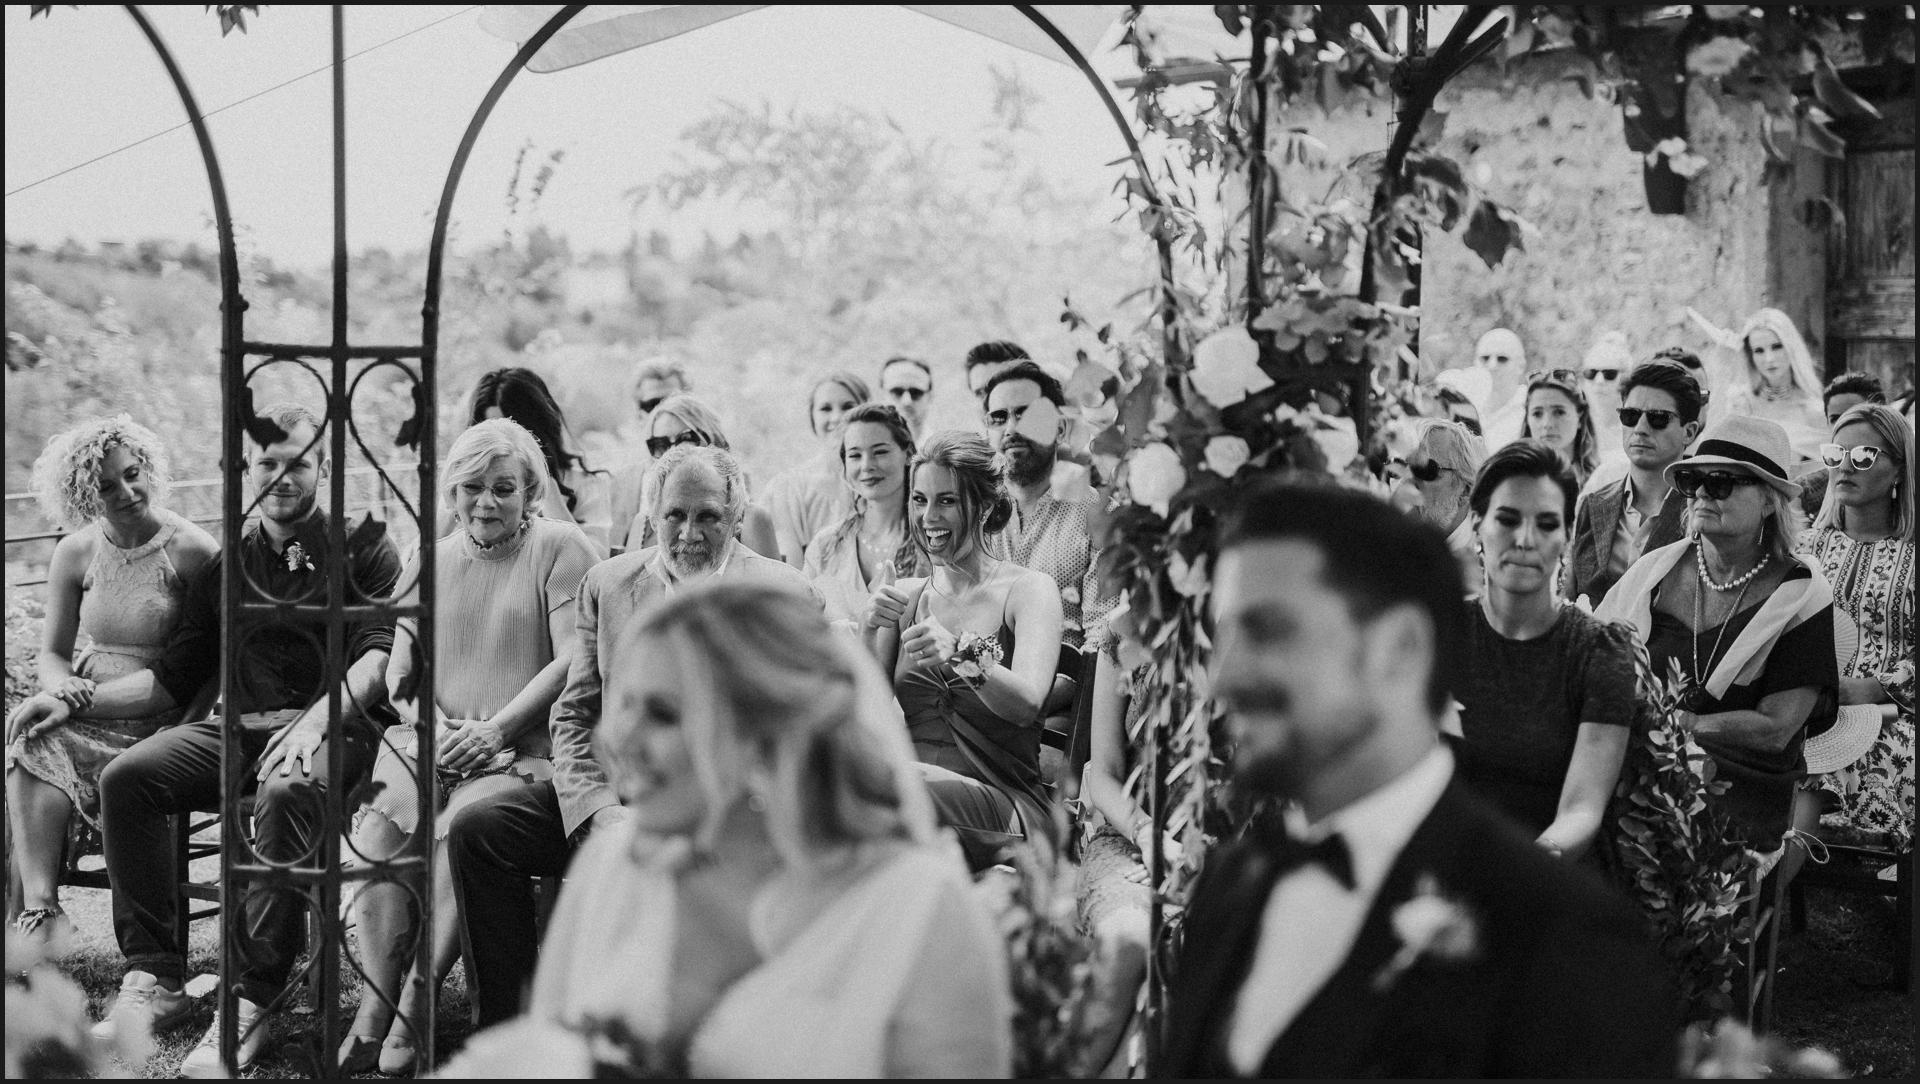 black and white, borgo di tragliata, wedding, rome, wedding in rome, bride, groom, wedding guests